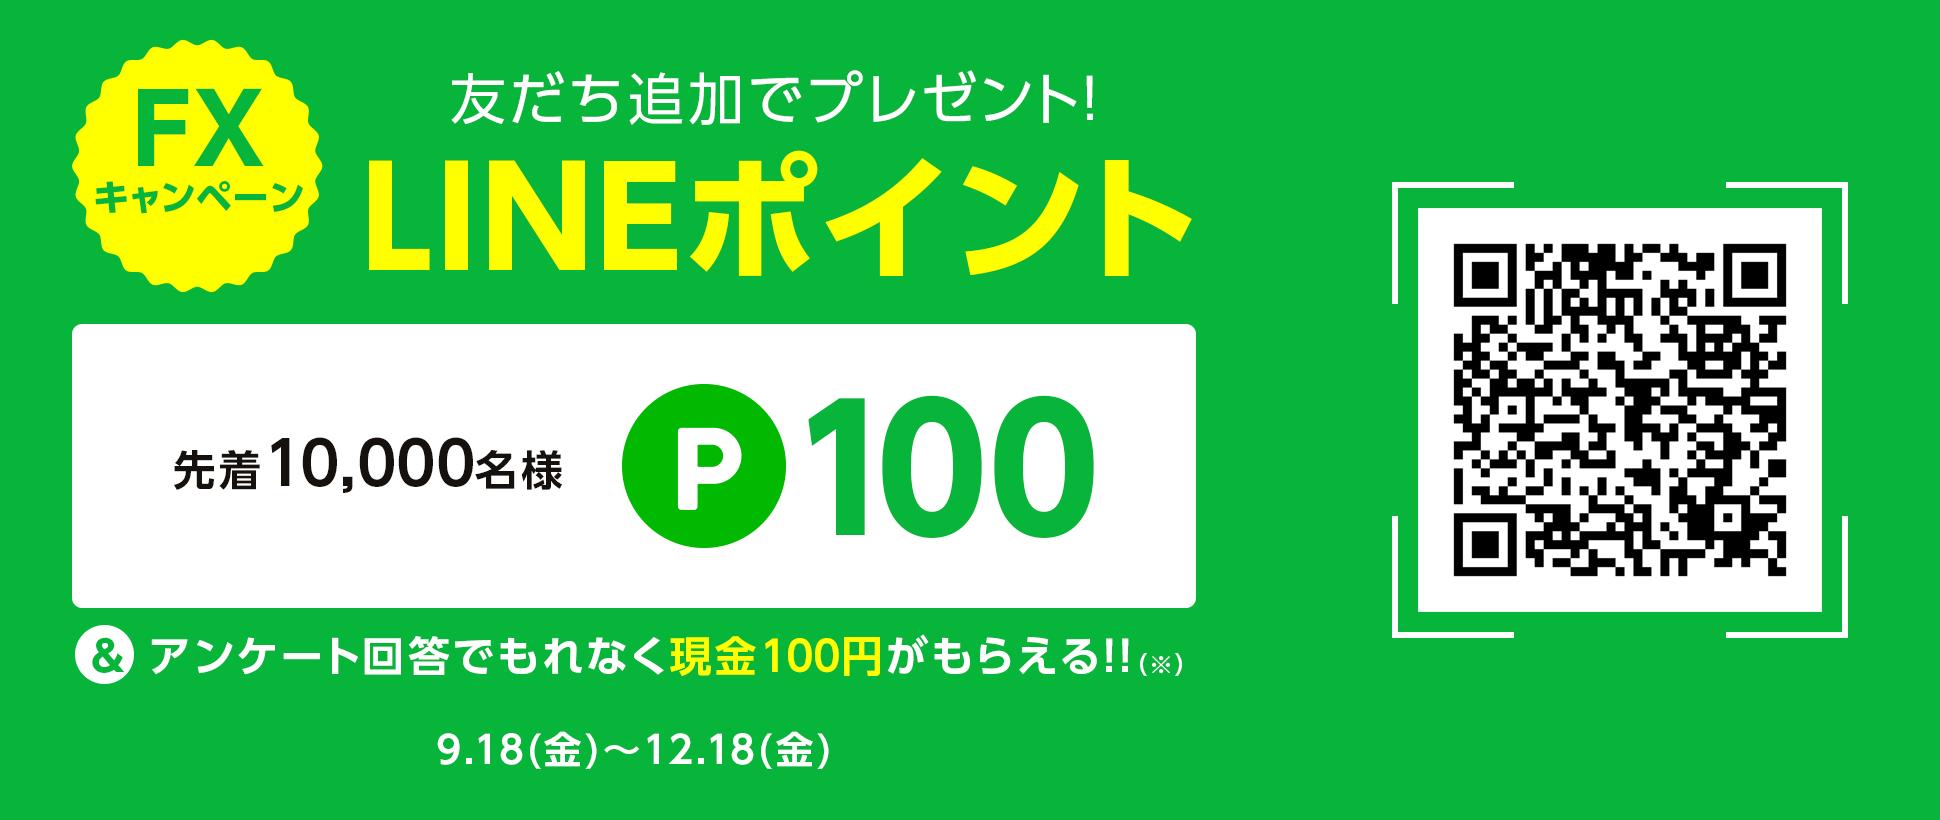 ジャパンネット銀行でLINE友達追加で先着1万名に100LINEポイント、アンケート回答で現金100円が貰える。~12/18。